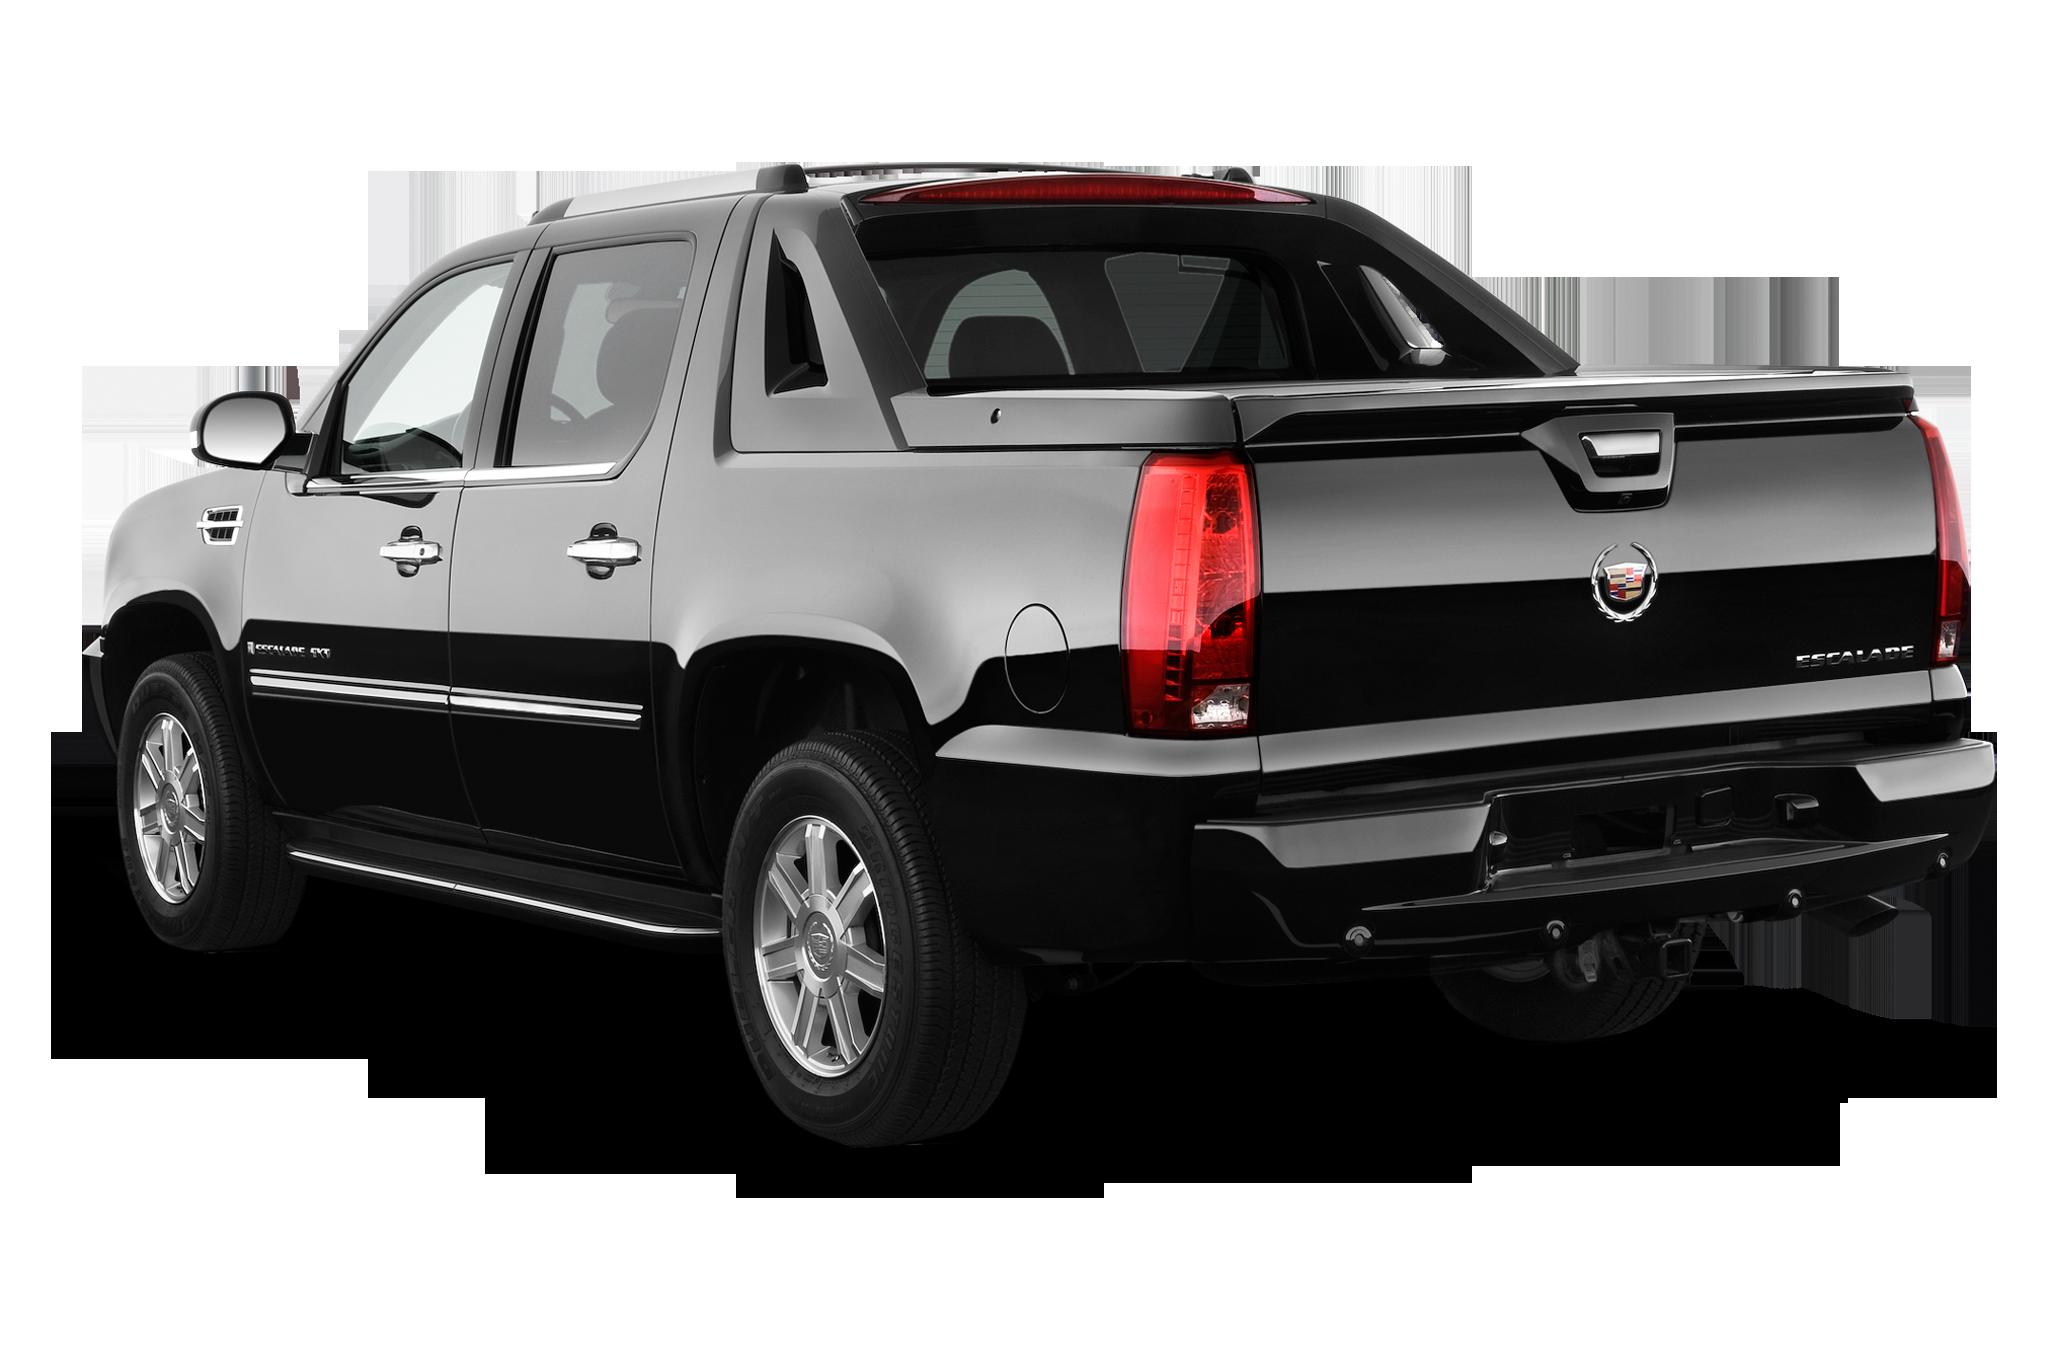 Cadillac Escalade III 2006 - 2014 Pickup #2